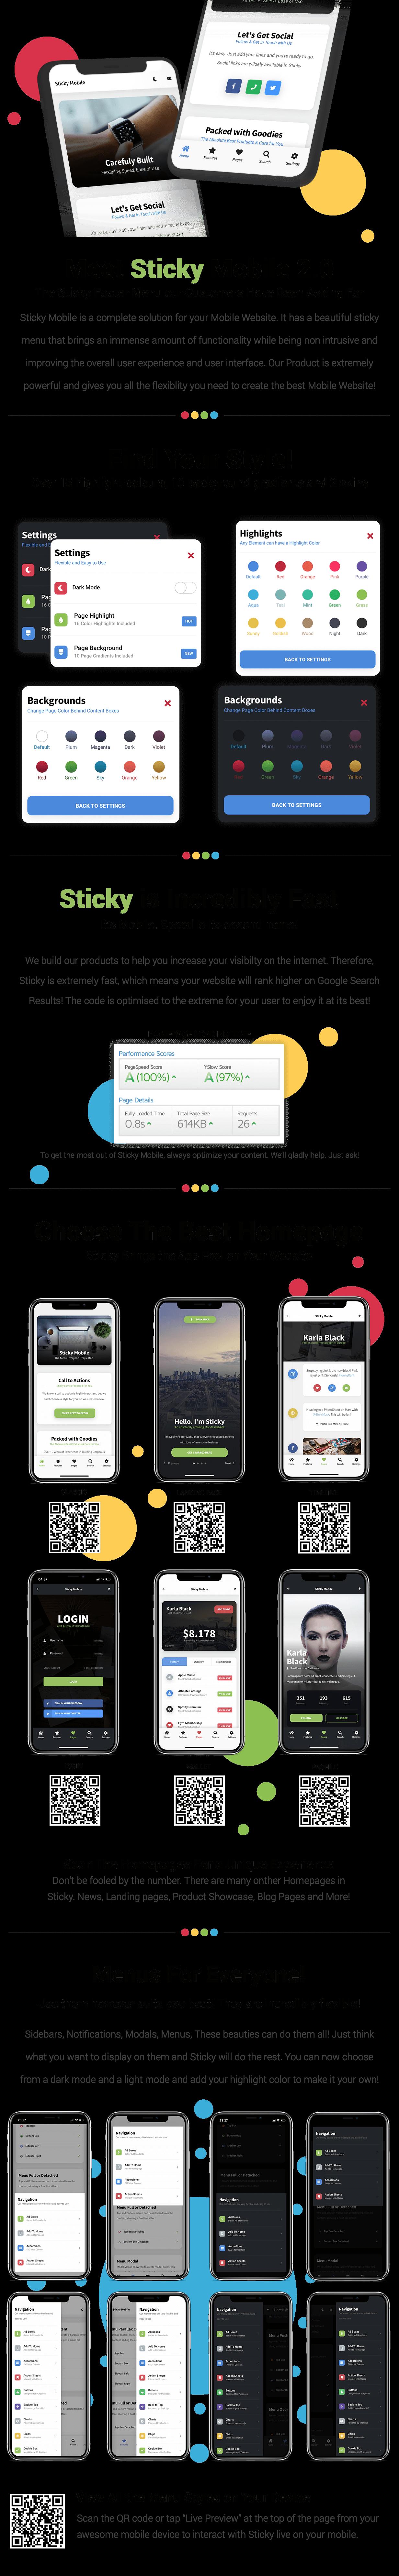 Sticky Mobile | PhoneGap & Cordova Mobile App - 11